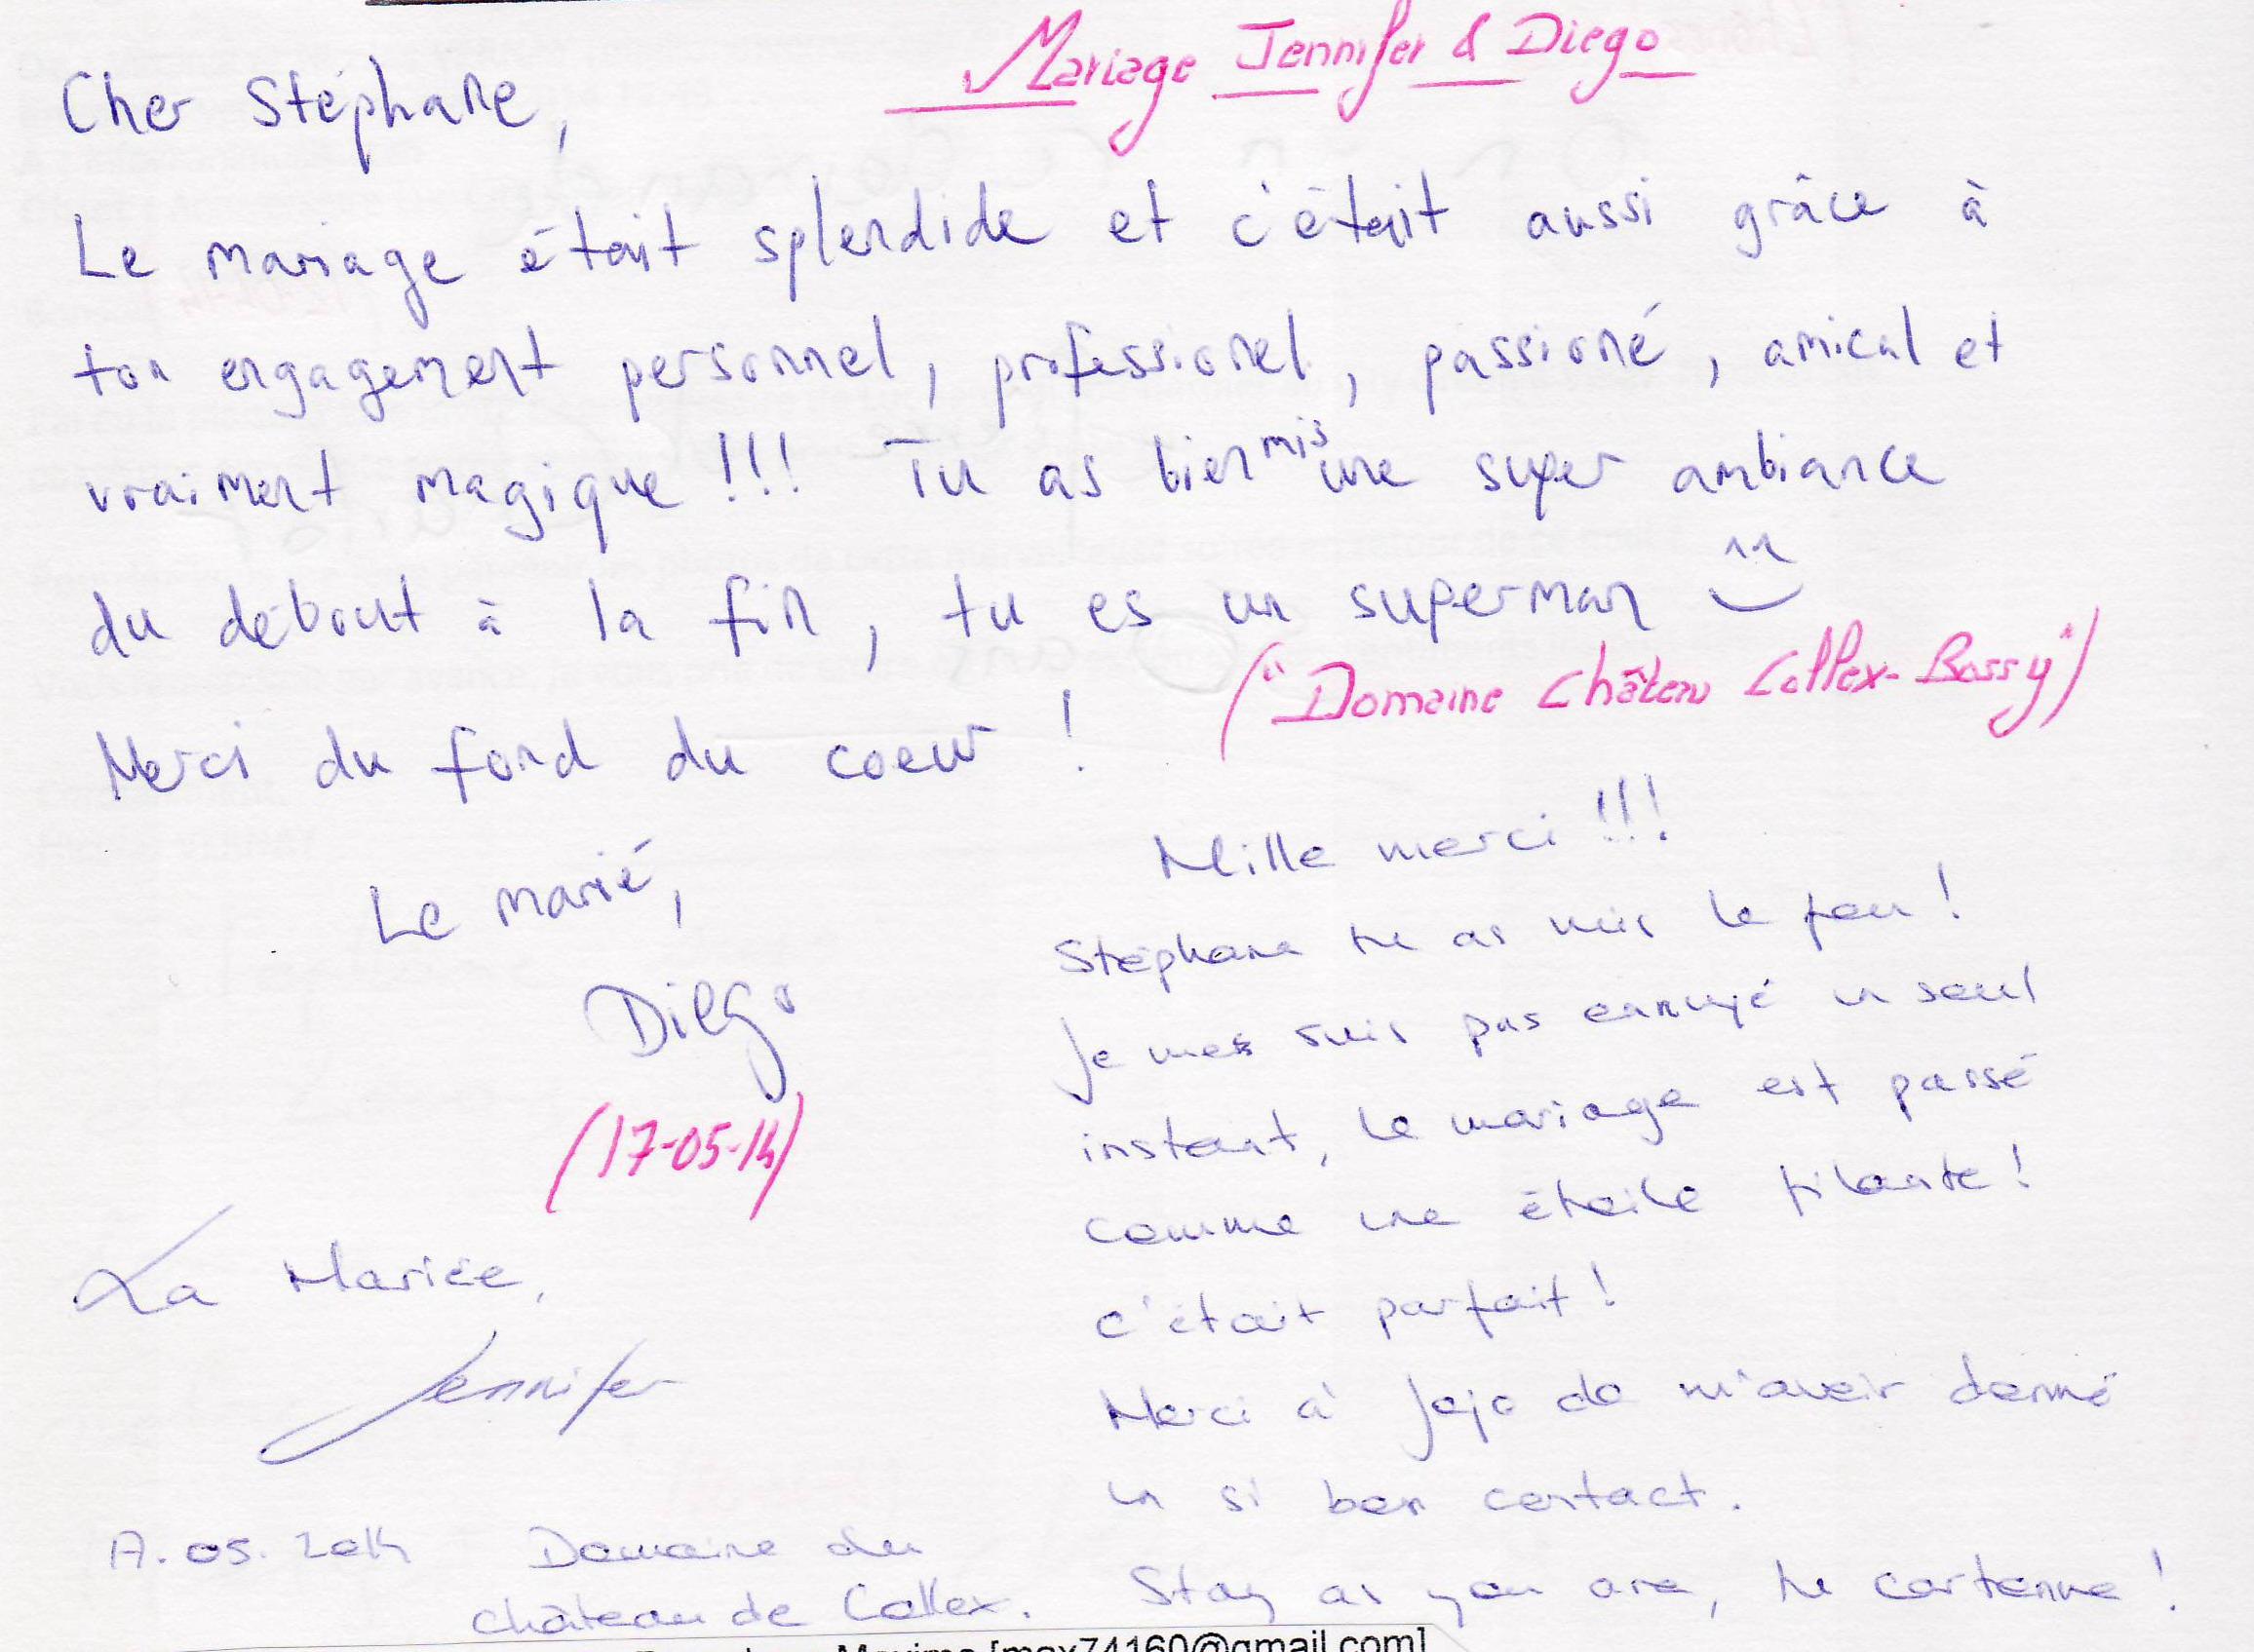 Mariage_RUDOLF_Diego_&_Jennifer_(Château_Collex-Bossy)_(17-05-2014)